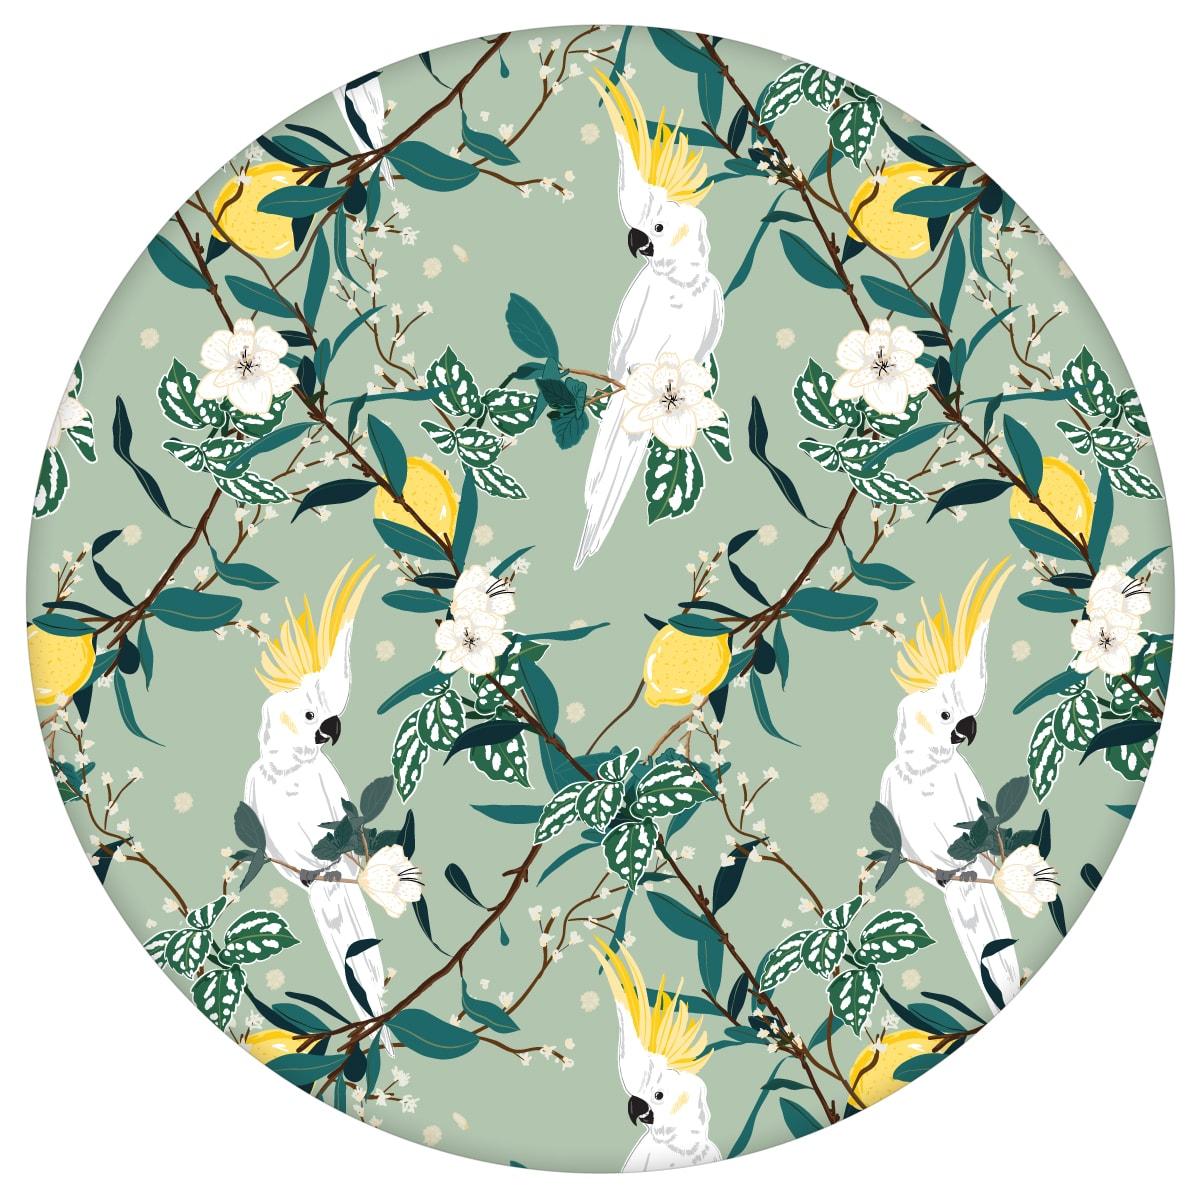 """Exotische """"Tropical Summer"""" Tapete mit Zitronen & Kakadus, mint grüne Vlies-Tapete Blumen Tiere, schöne Wanddeko für Schlafzimmer aus den Tapeten Neuheiten Borten und Tapeten mit Früchten als Naturaltouch Luxus Vliestapete oder Basic Vliestapete"""